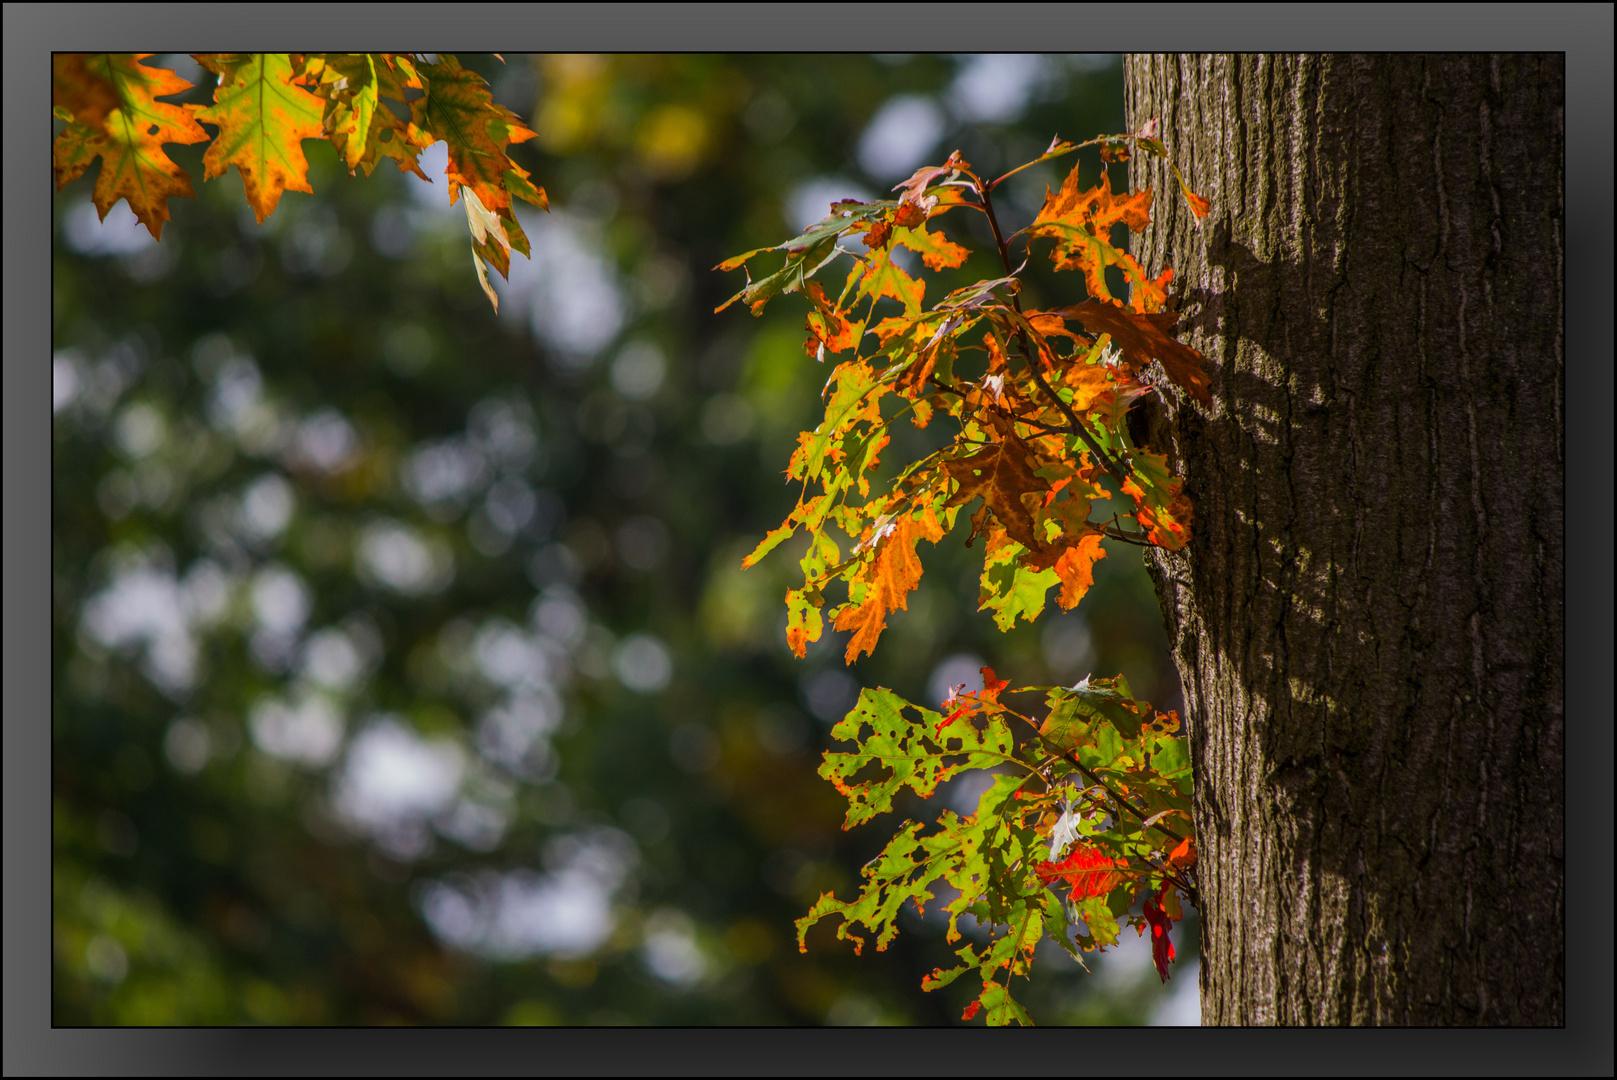 Herbst-Impressionen 06